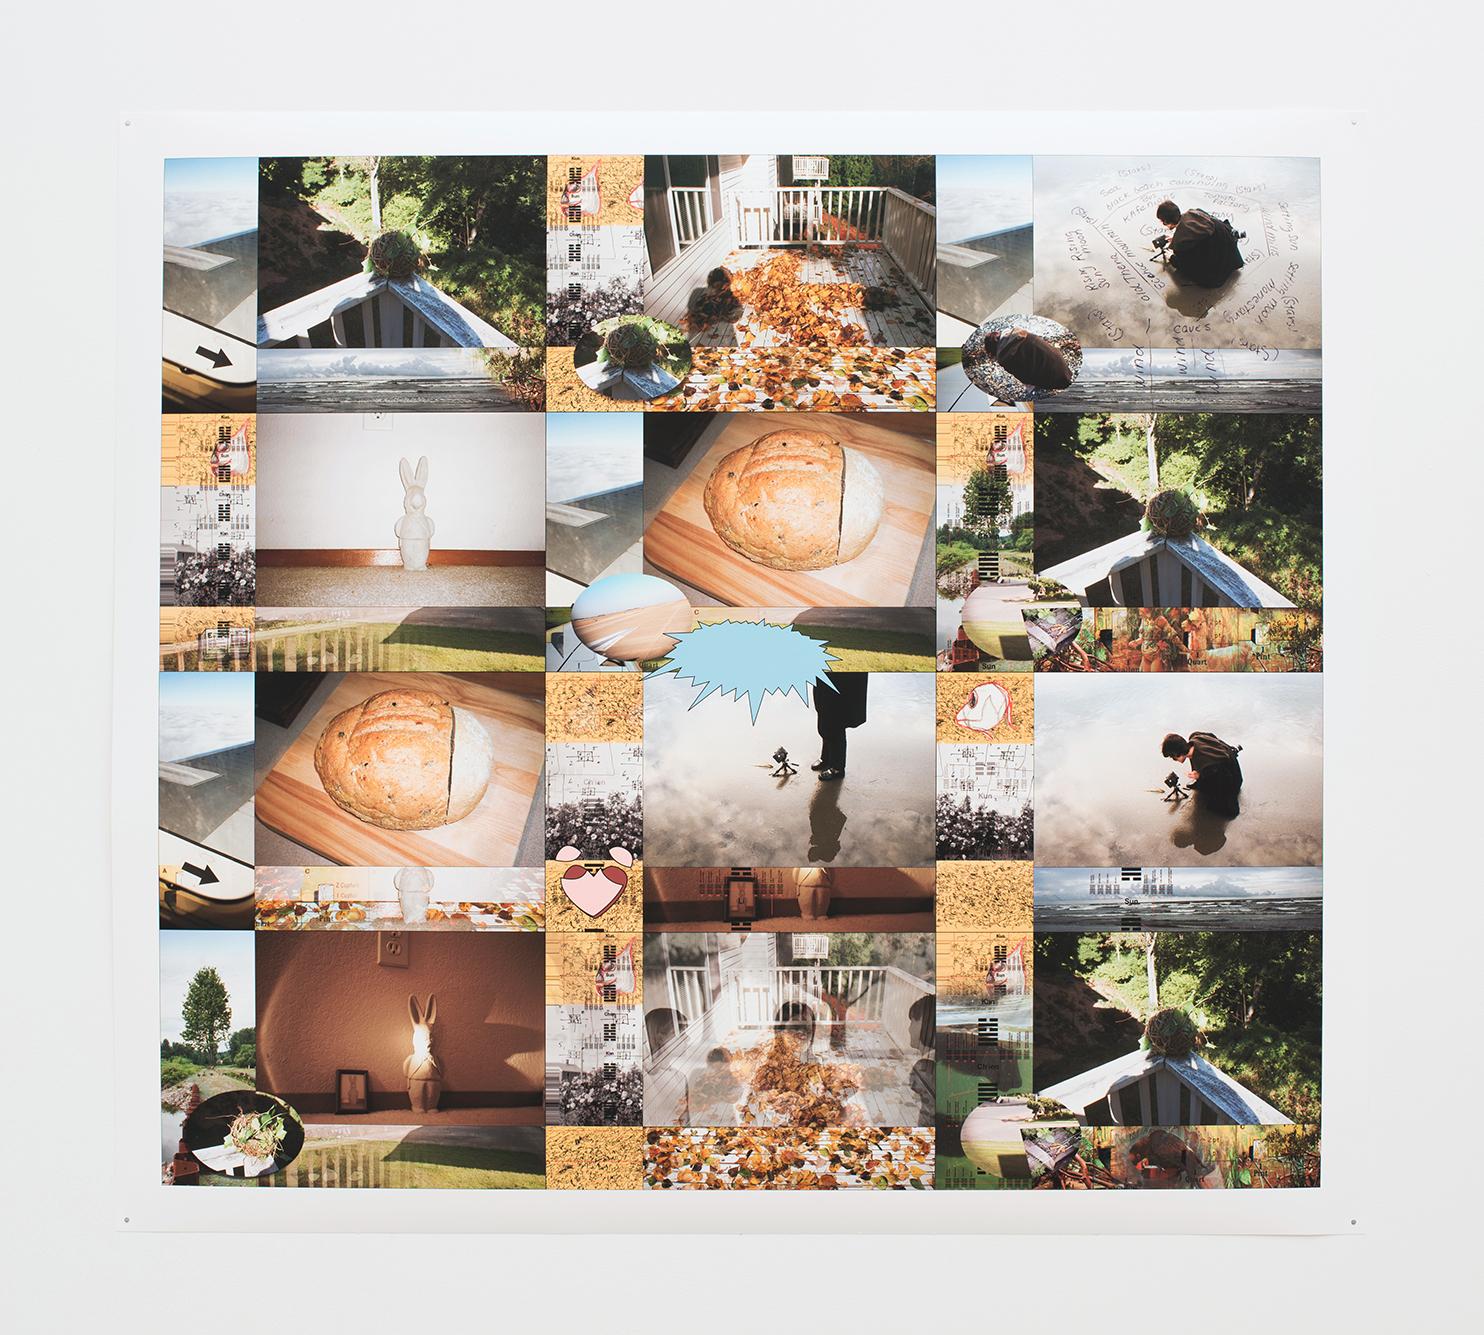 Paul Berger  BREAD , 2000-2005 Inkjet on paper